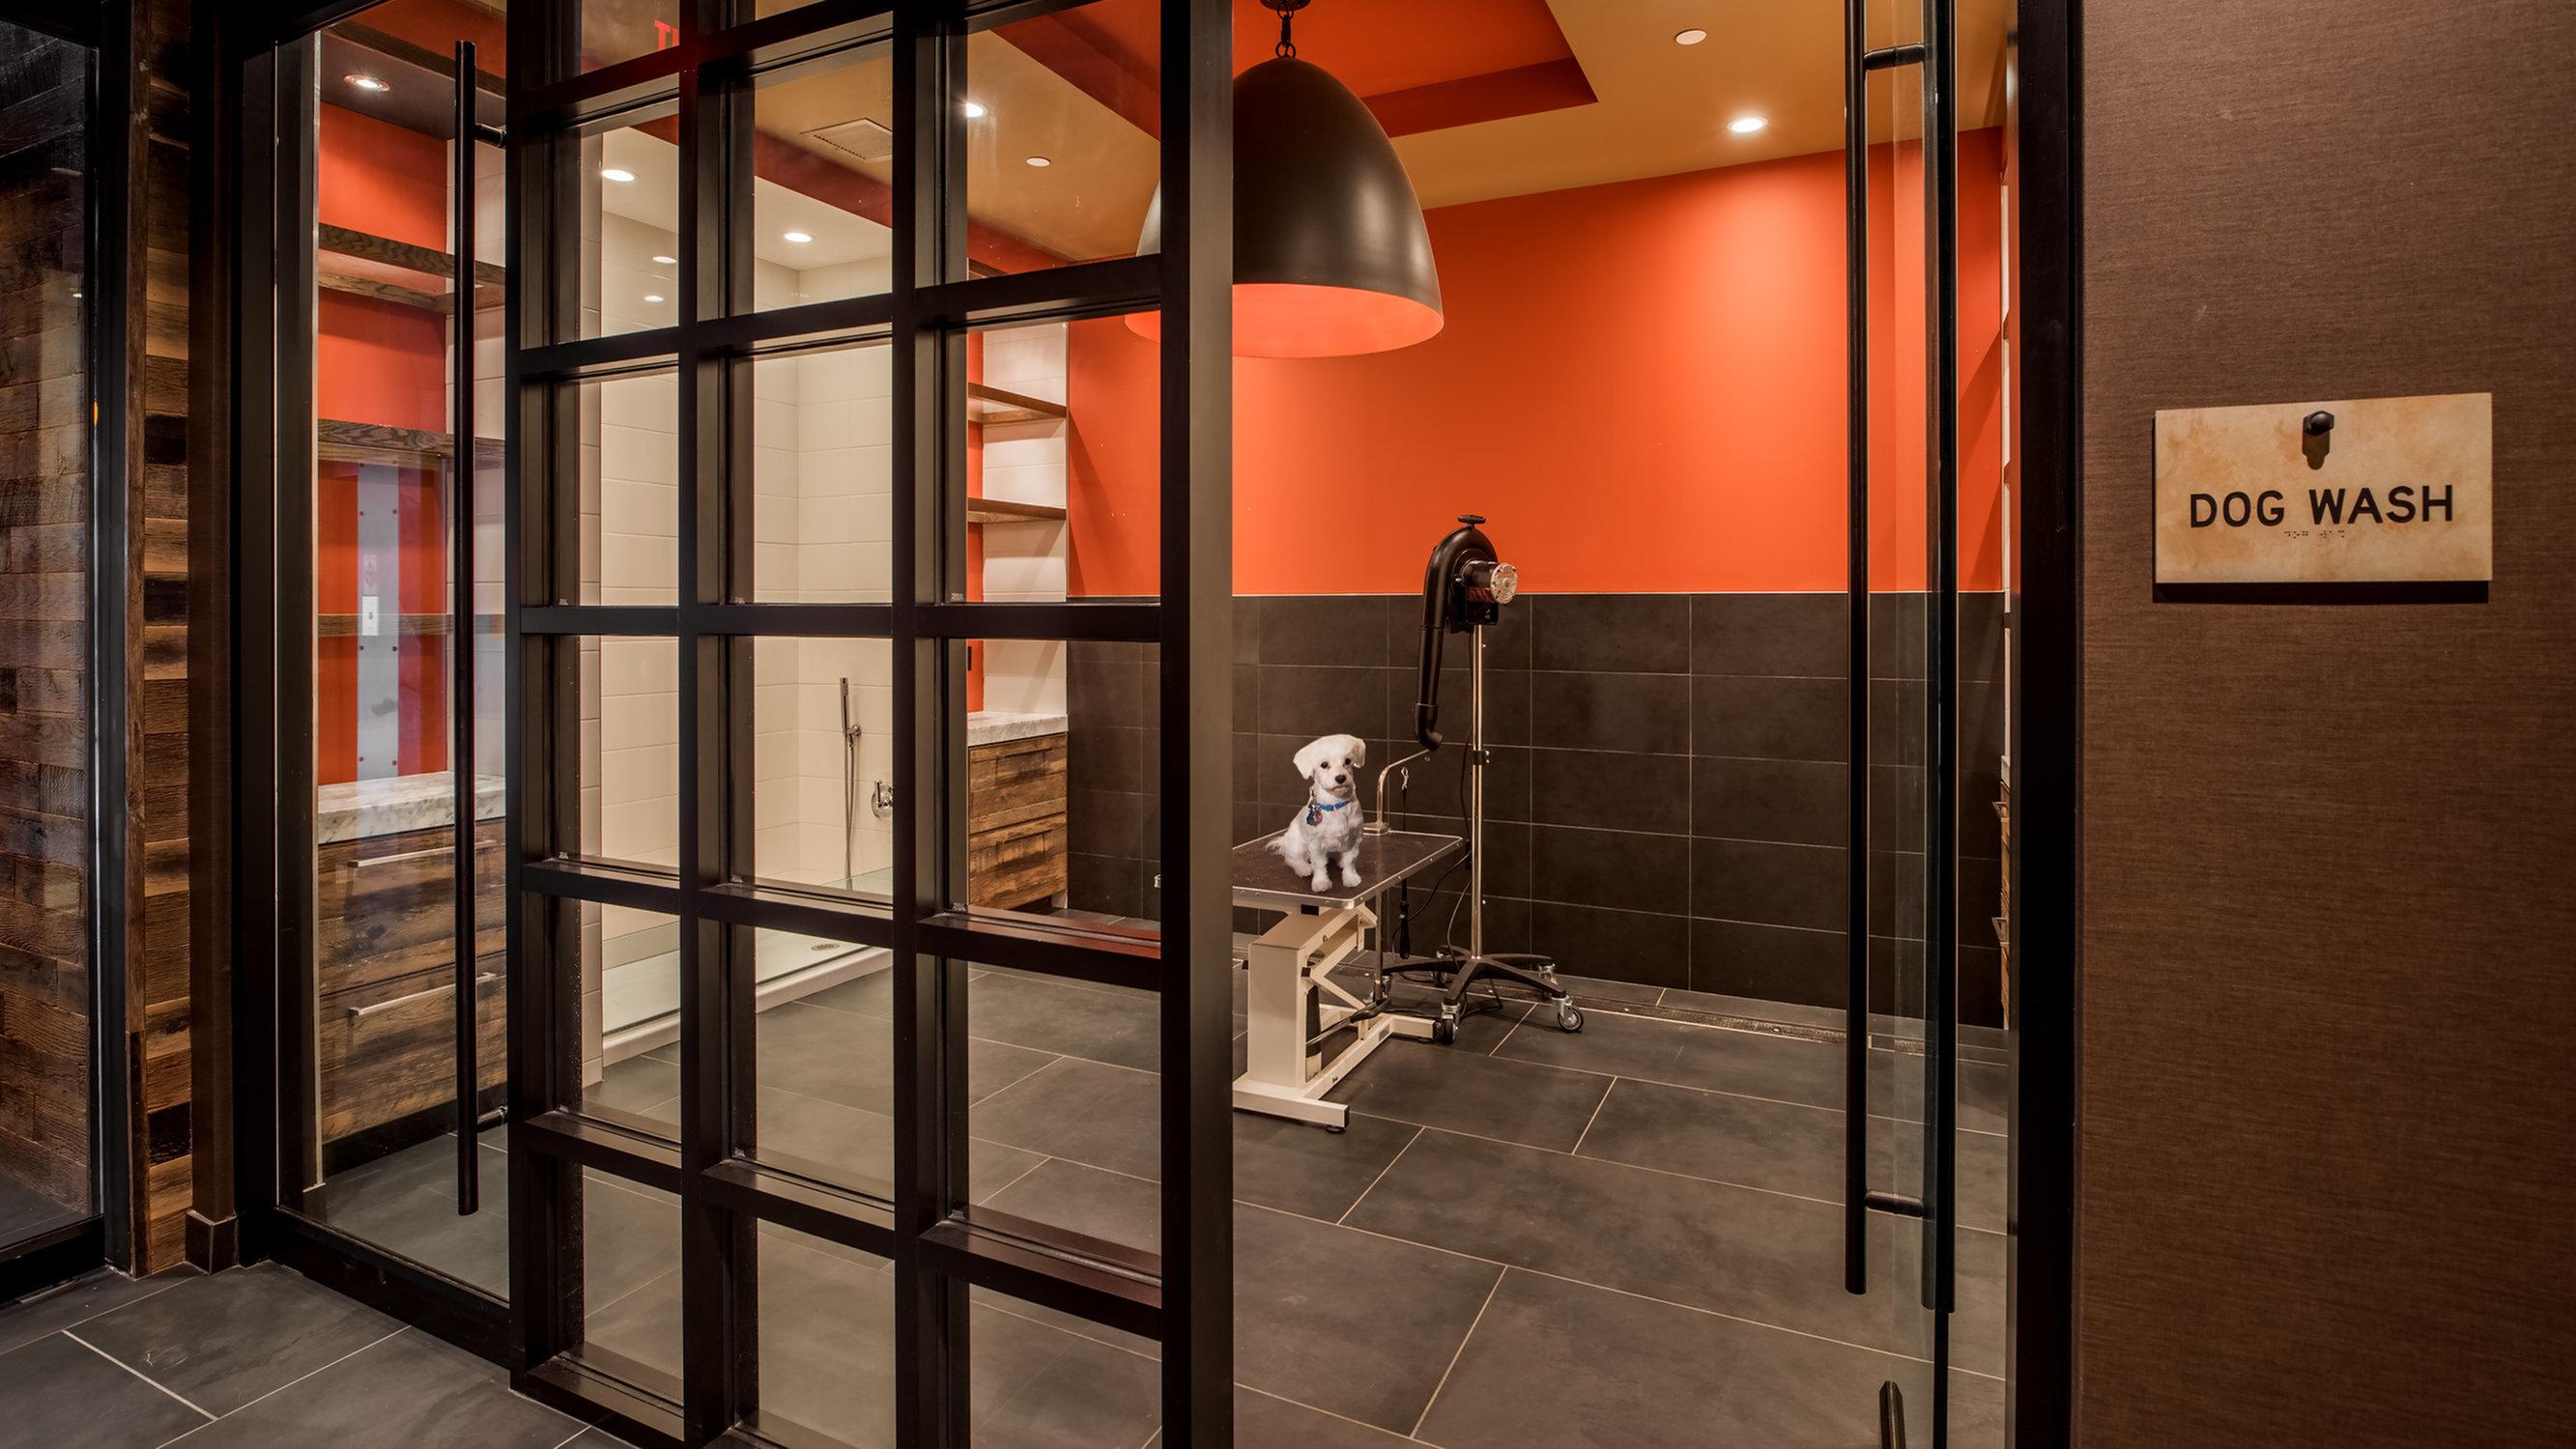 Image of Dog-washing Station for Eastside Bond